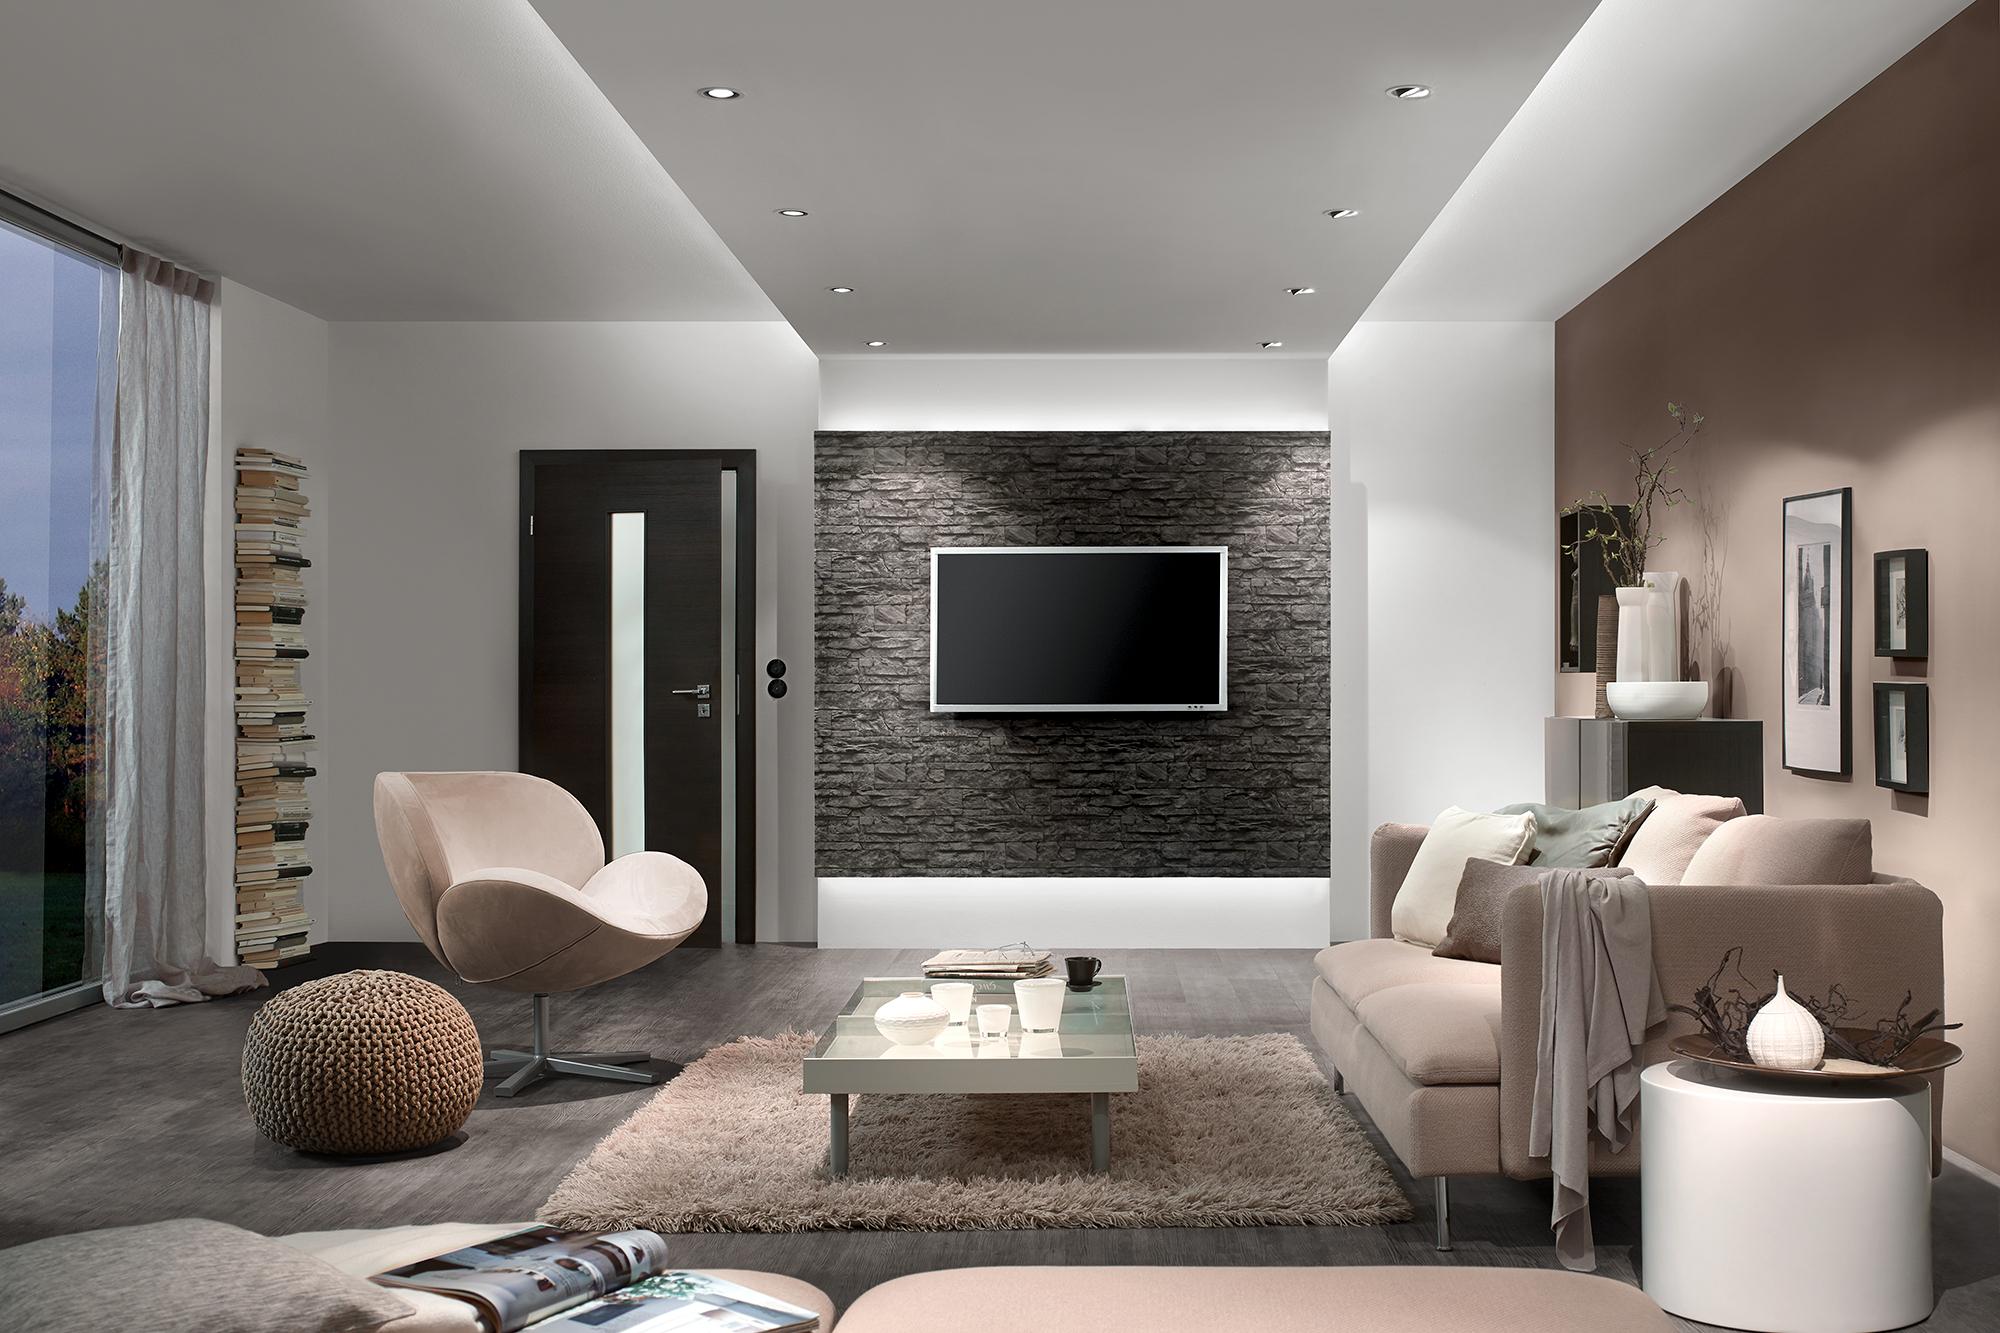 Full Size of Led Spots Wohnzimmer Planen Leuchte Panel Wieviel Watt Beleuchtung Lampe Wohnzimmerleuchten Dimmbar Amazon Farbwechsel Ebay Abstand Selber Bauen Streifen Wohnzimmer Wohnzimmer Led